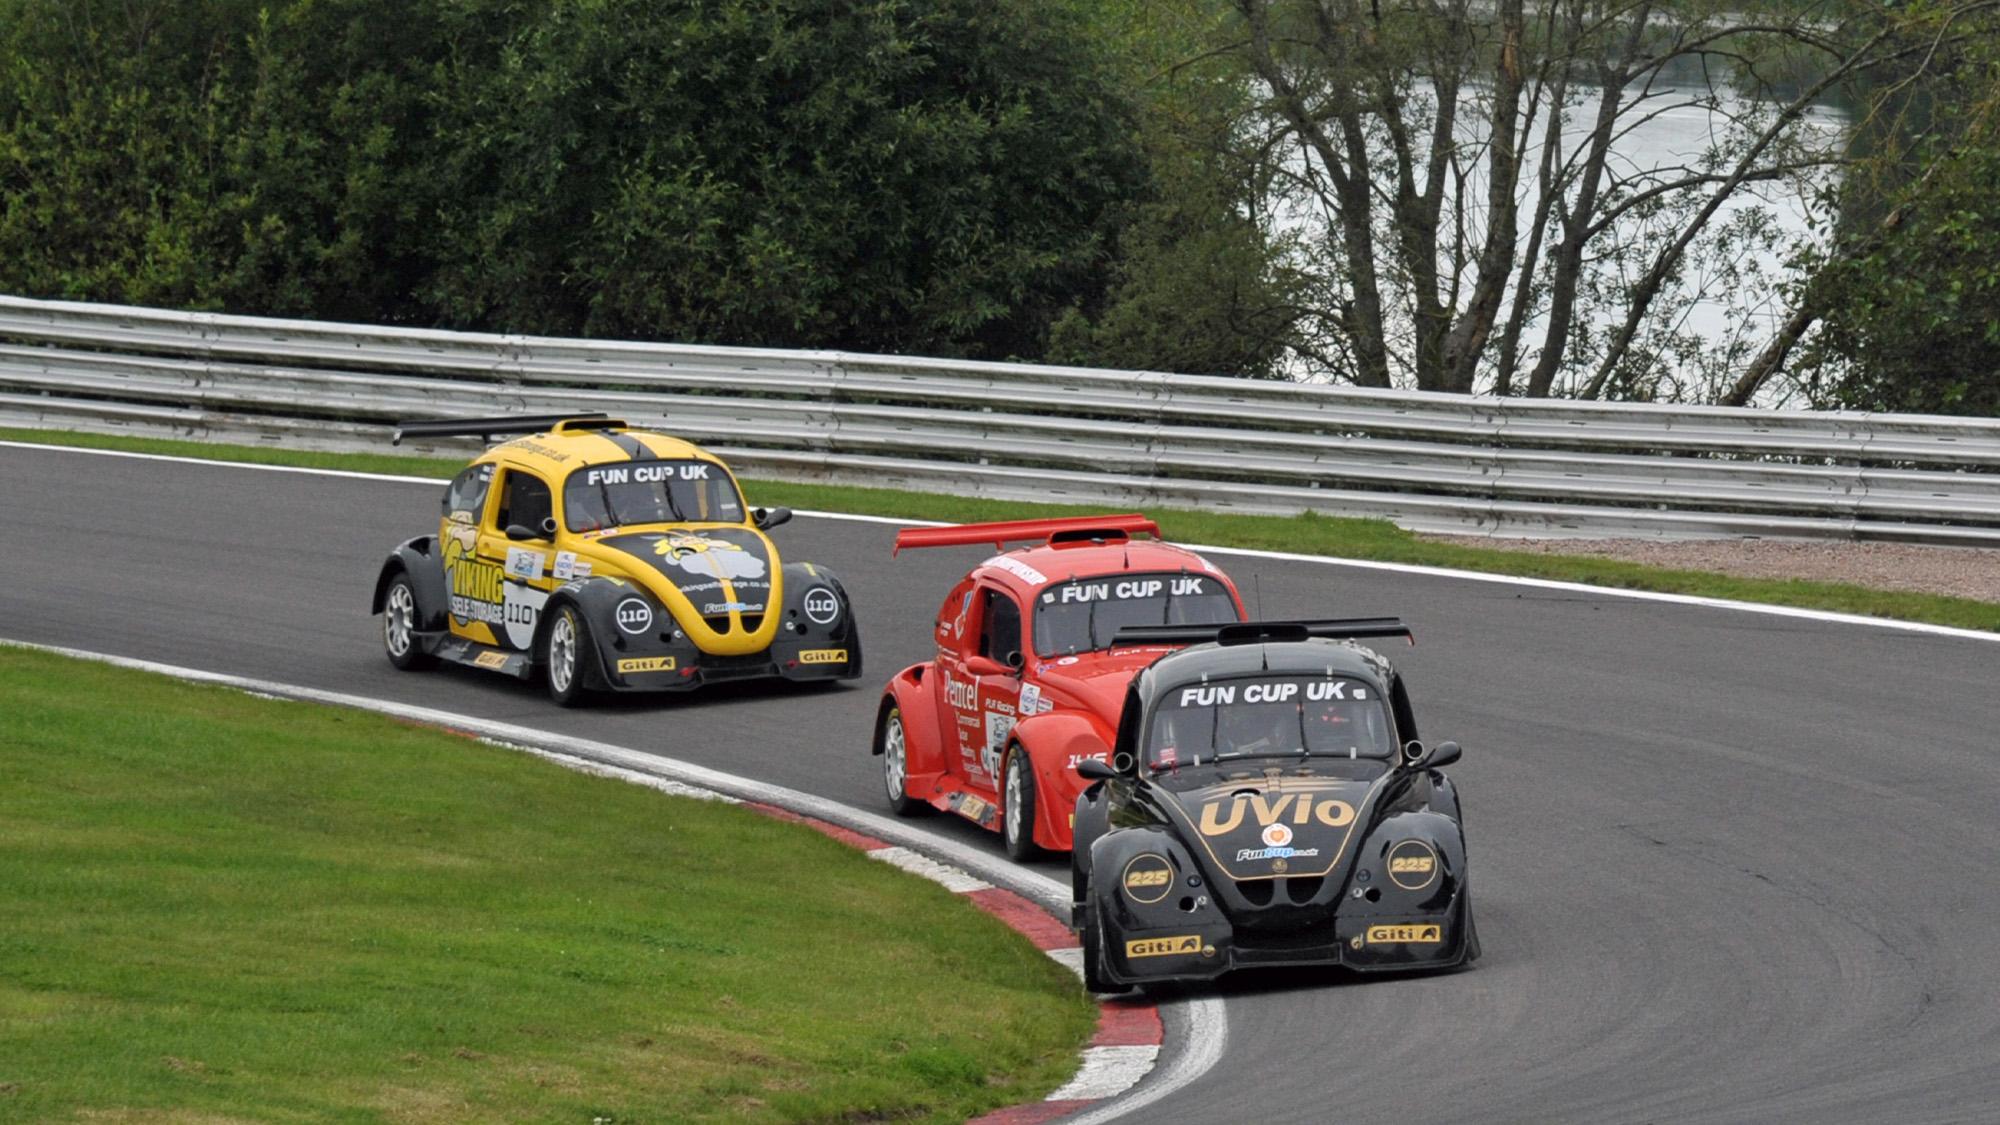 Racing VW Beetles in fun cup